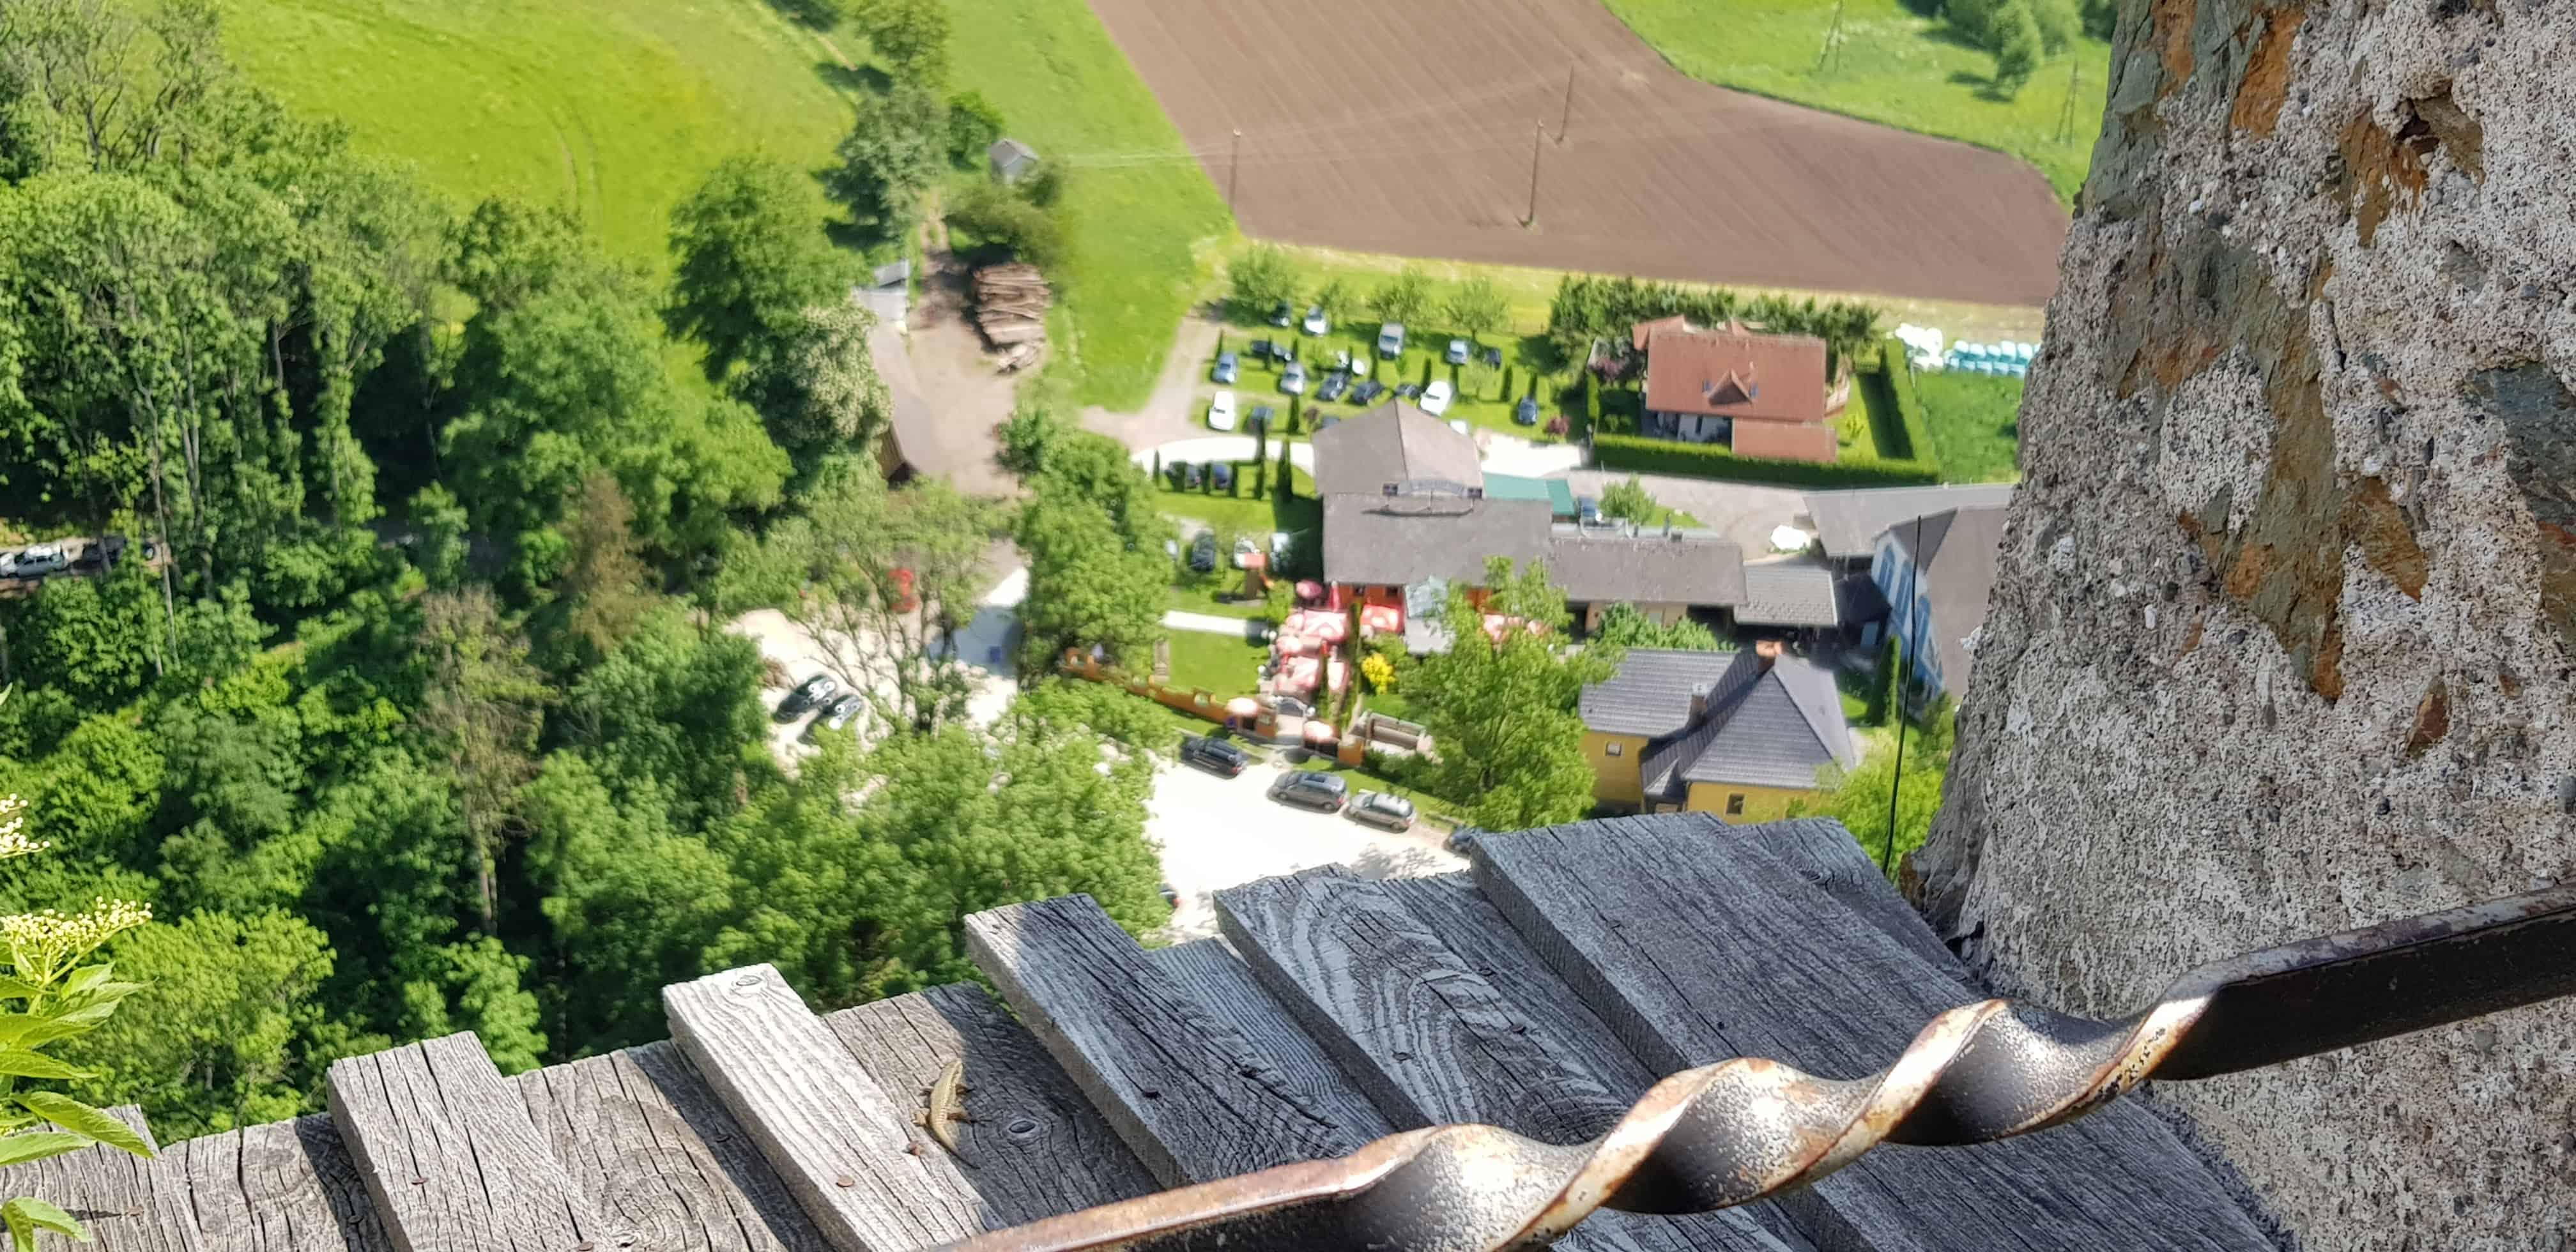 Blick von Burg Hochosterwitz auf Parkplatz und Ausflugziel-Startgelände in St. Georgen am Längsee.